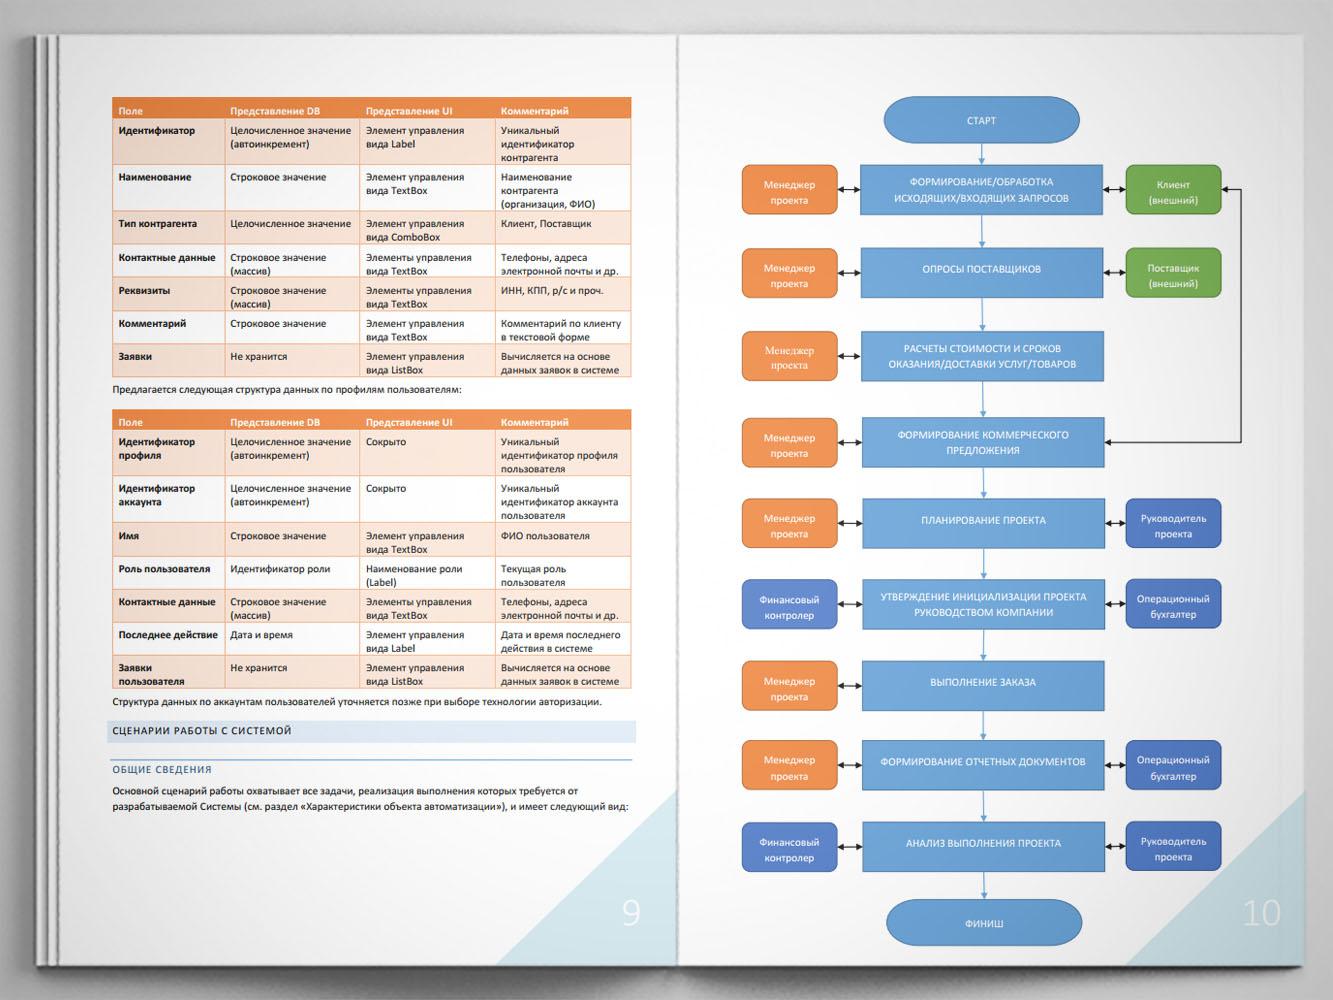 Разработка технического задания для проектирования ERP-системы